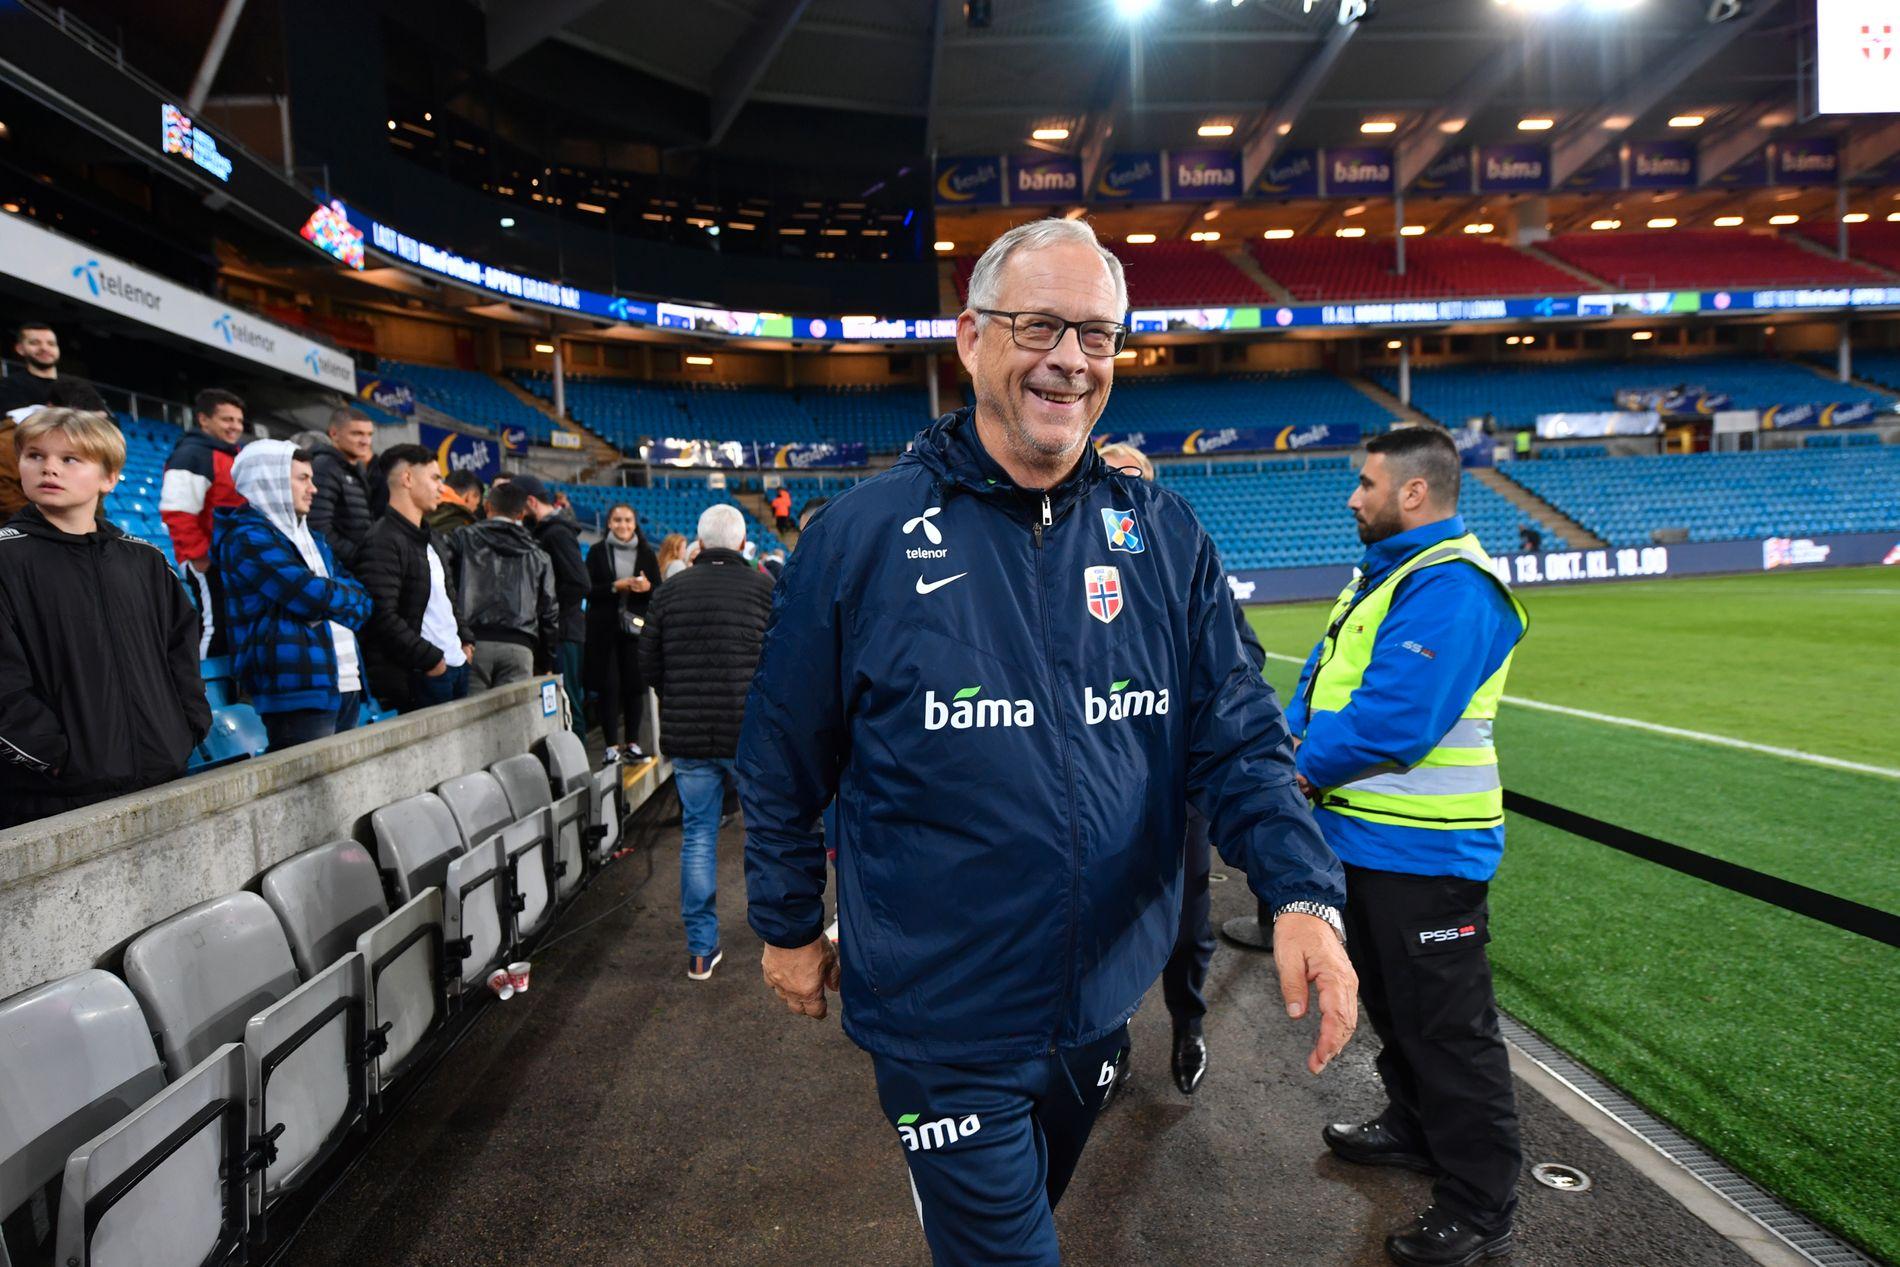 LARS WINNERBÄCK: Lars Lagerbäck, som også burde få etternavnet til den svenske artisten Lars Winneräck, på vei ut av Ullevaal etter 2–0-seieren over Kypros.